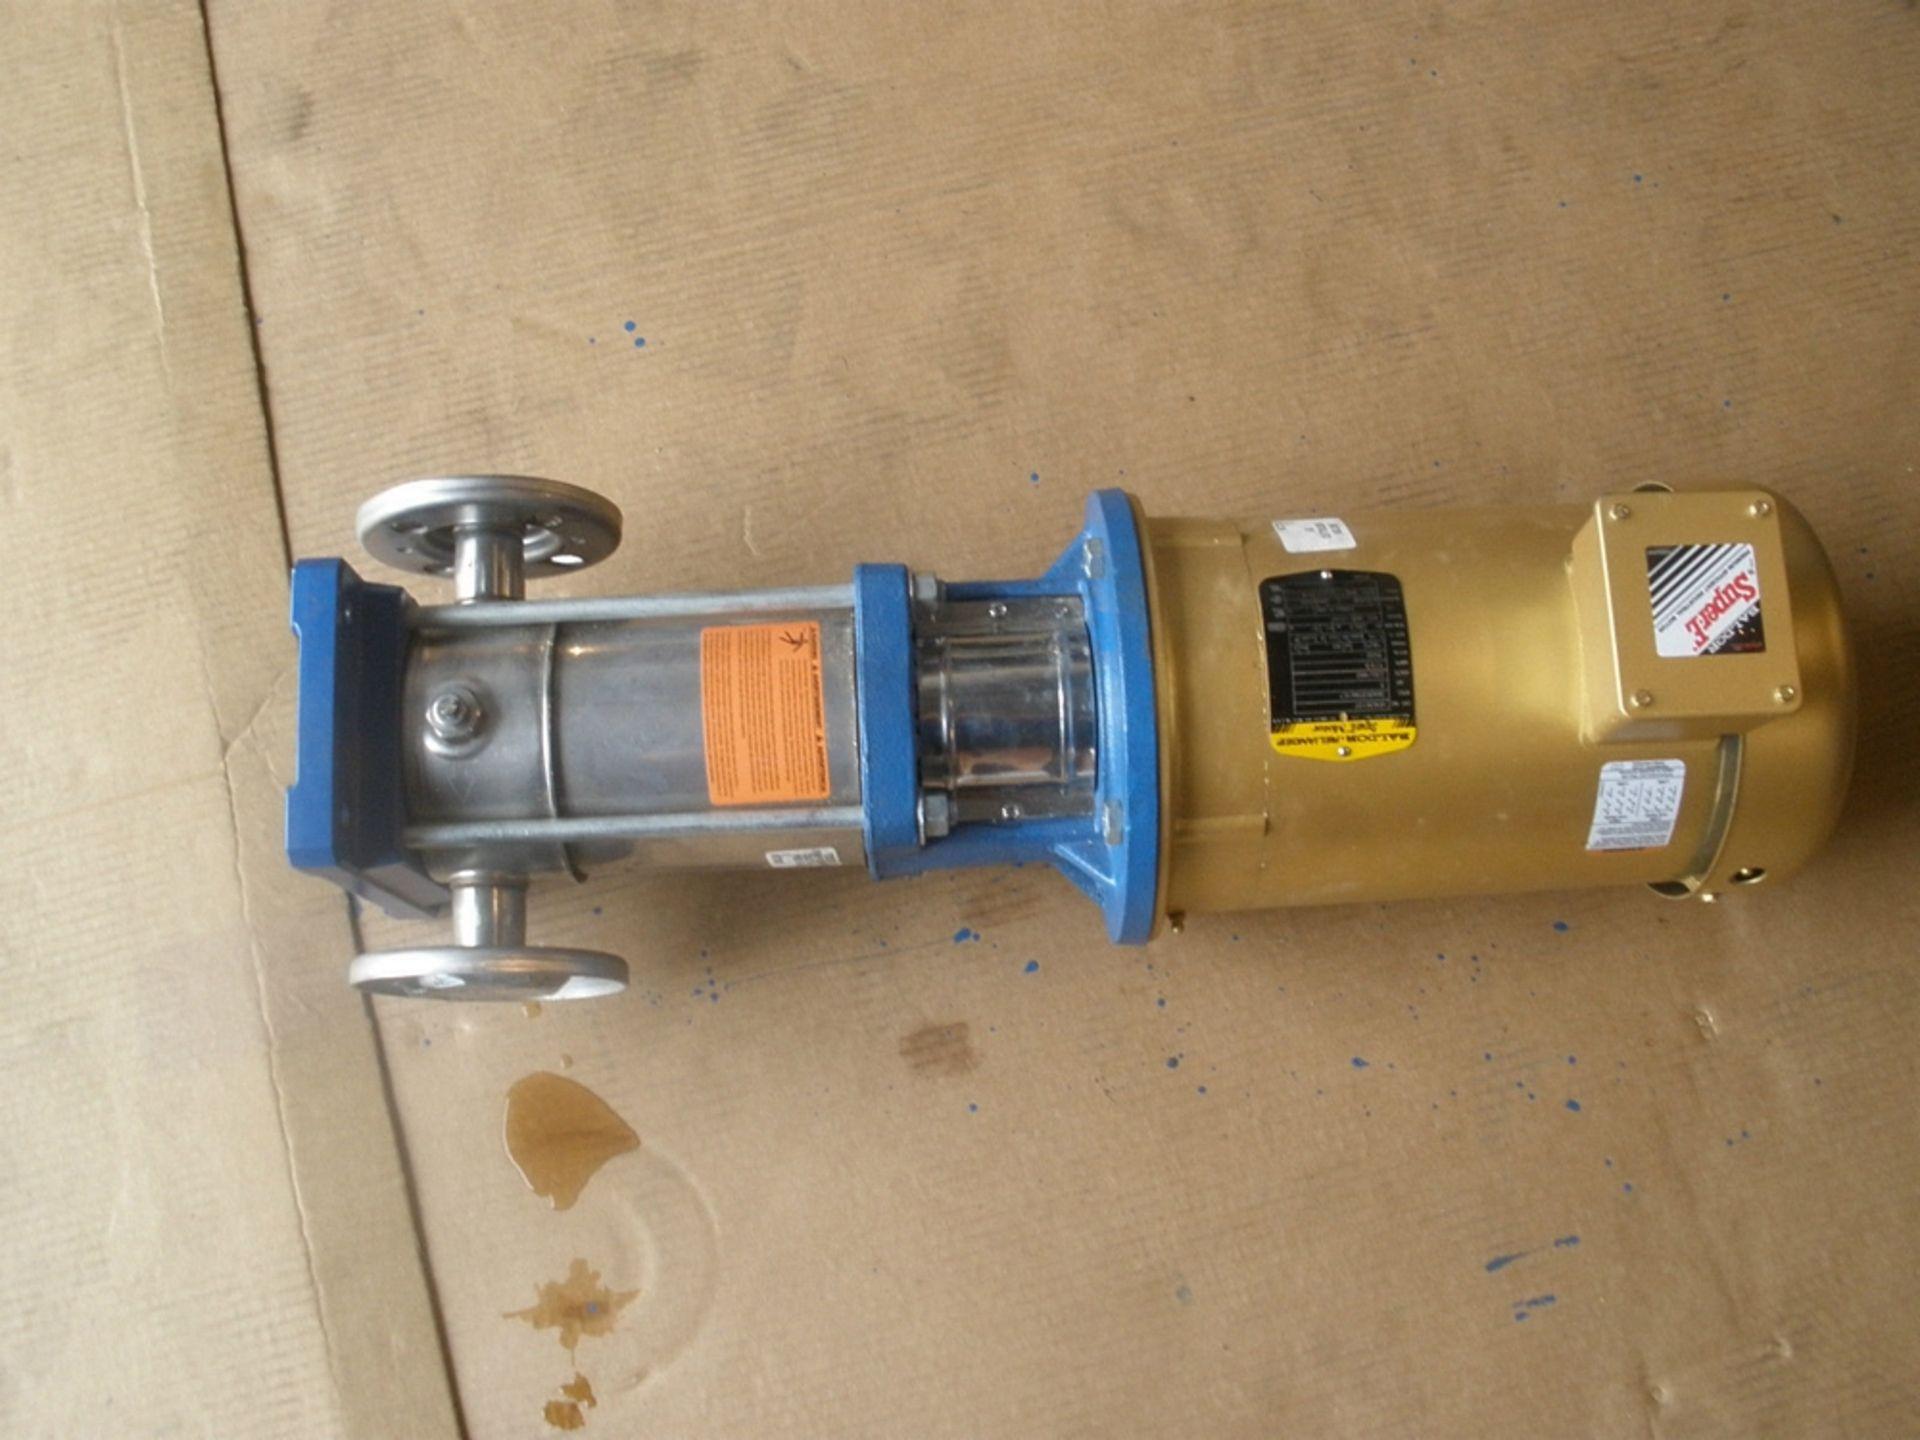 Lot 44 - Gaulds Pumps, ITT G&L Series SSV Catalog # 2SVB1H9E0, 3HP Baldor Motor 230/460v 3PH 7/35 Amps RPM